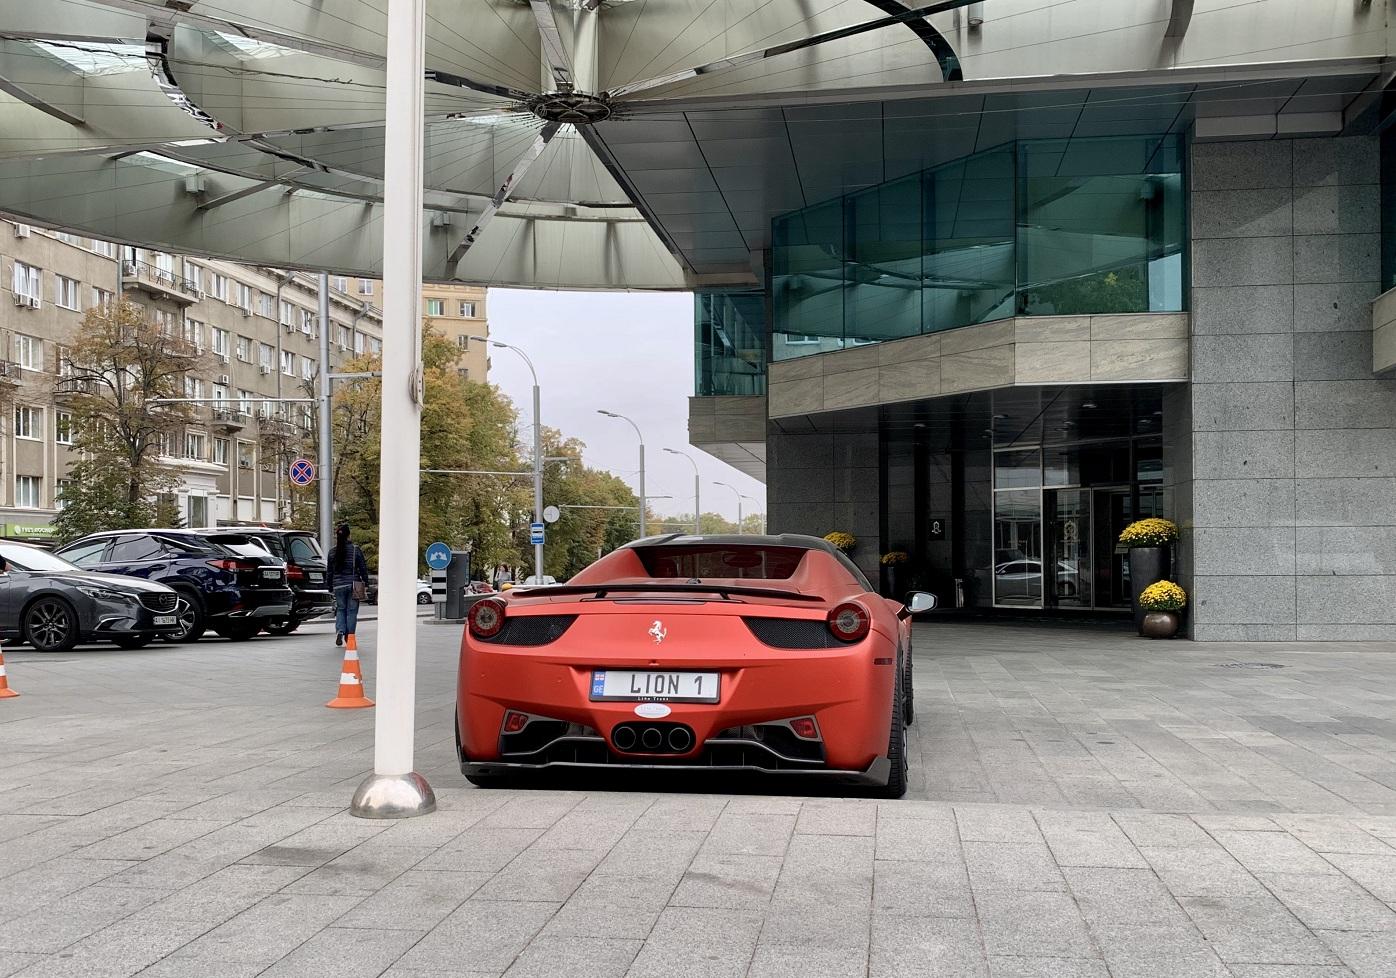 В Украине заметили крутой тюнингованный суперкар Ferrari